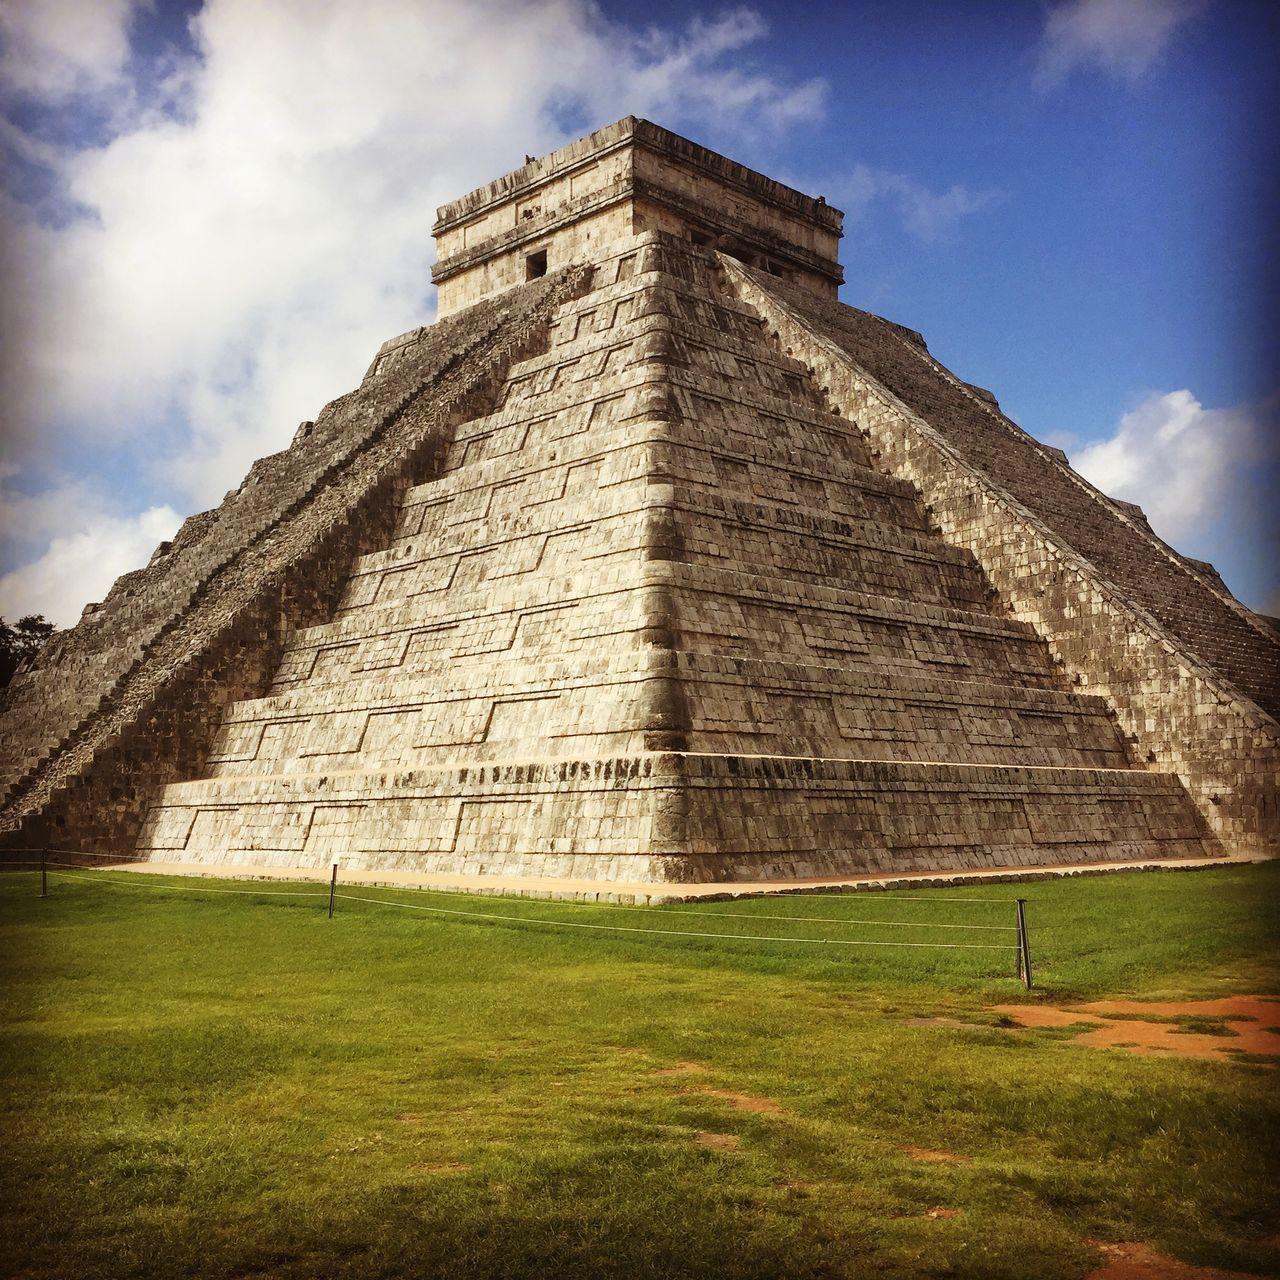 Castillo of Chichen Itza Mexico Chichen Itza Yucatan Mexico Beautiful Place Mayas